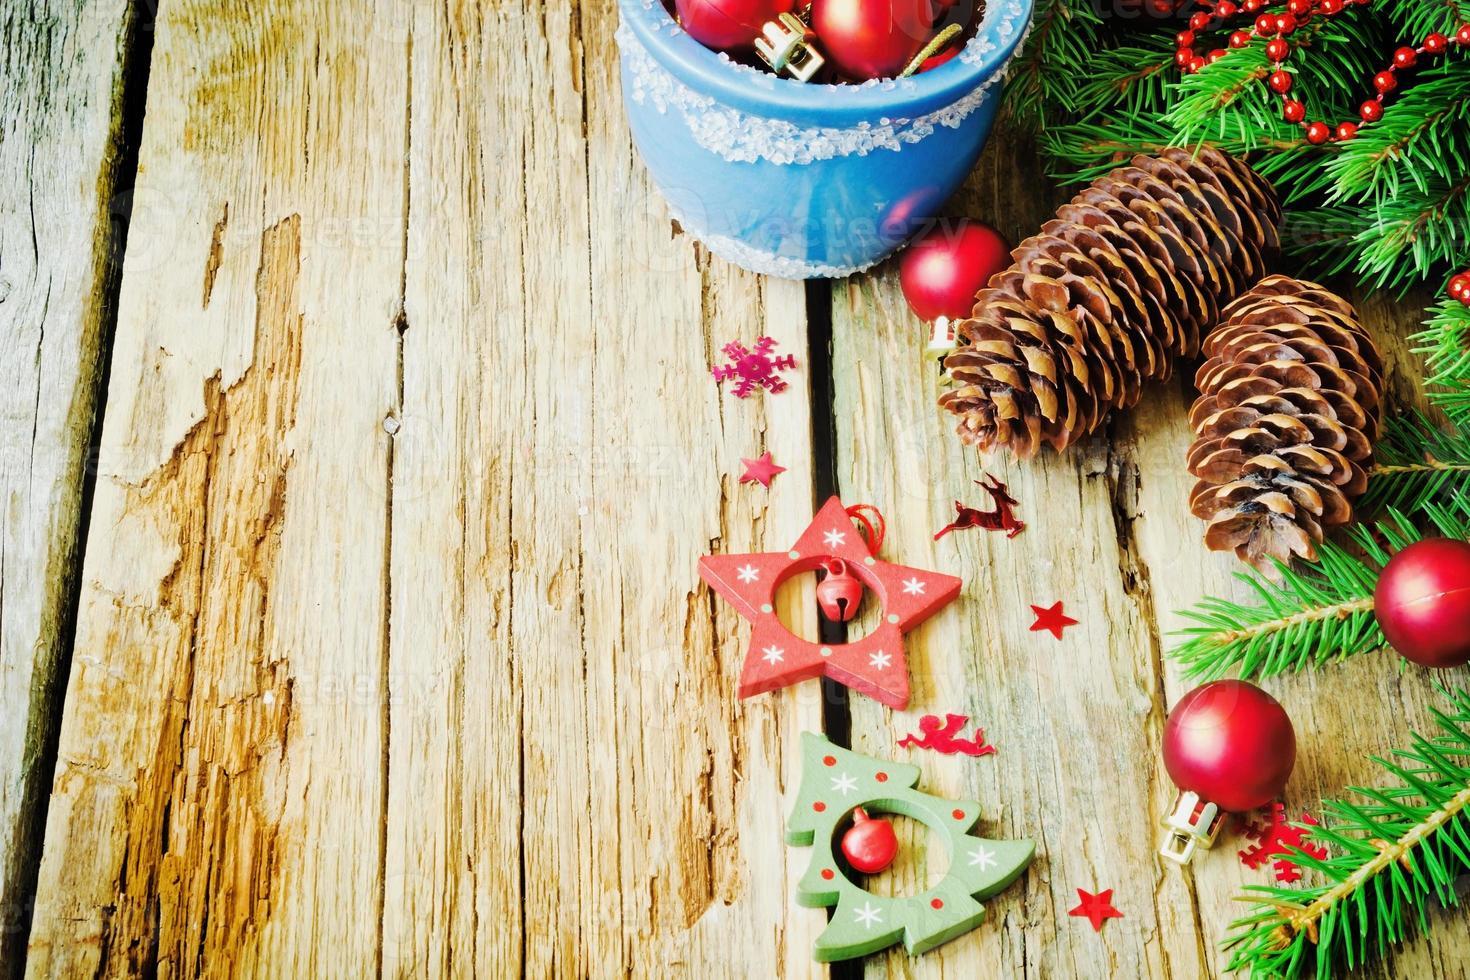 Decoraciones de navidad foto